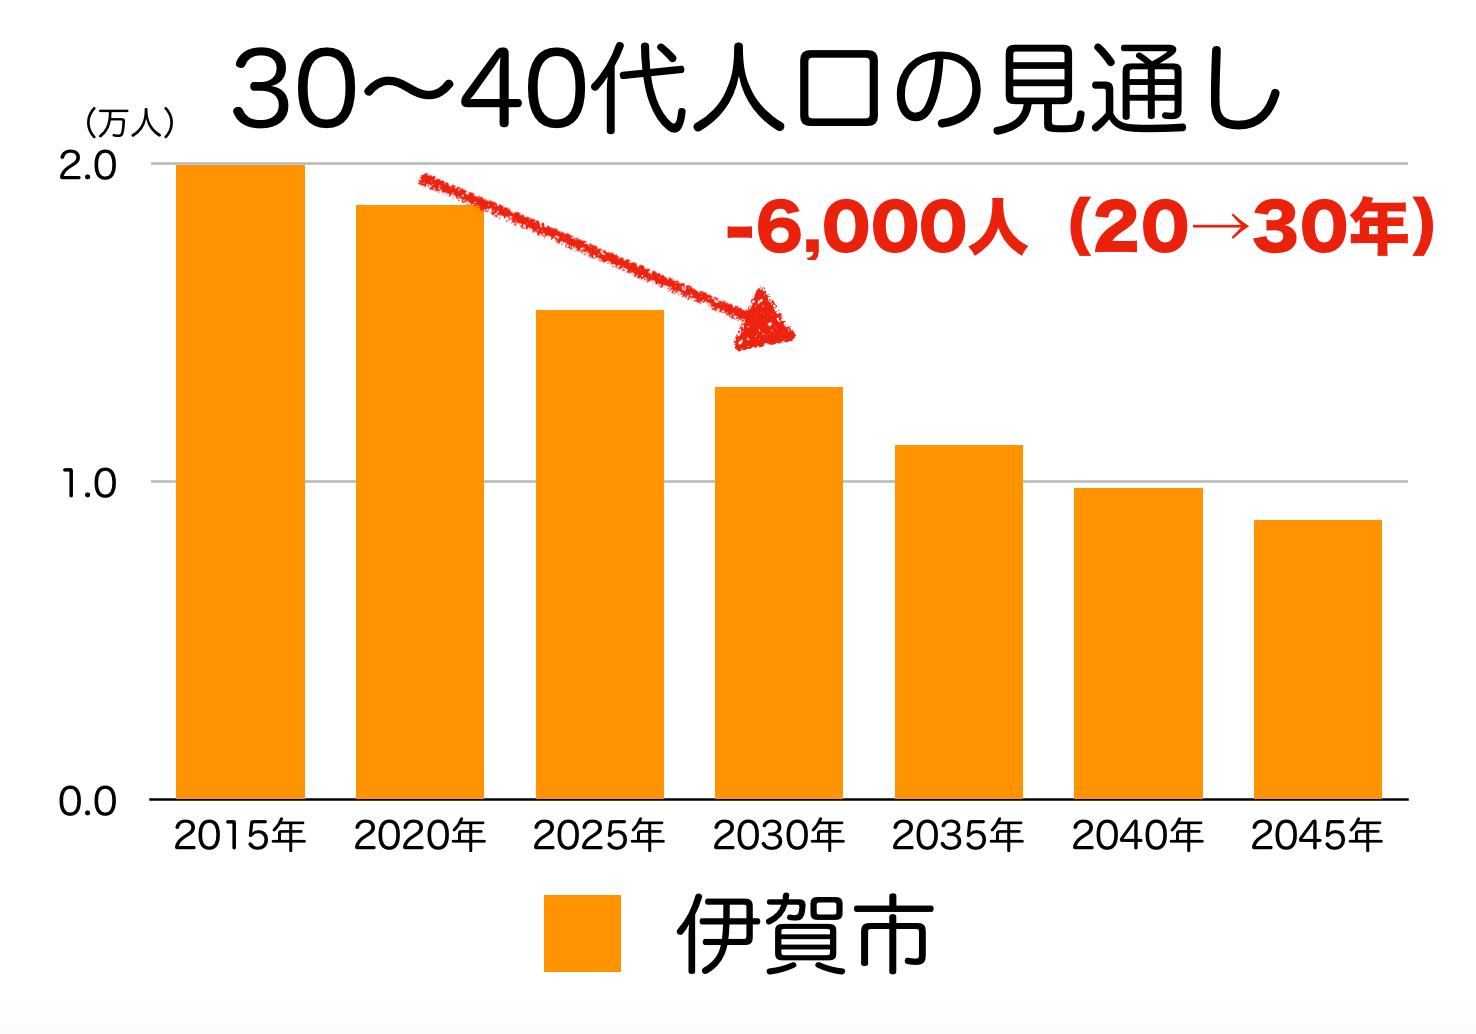 伊賀市の30〜40代人口の予測